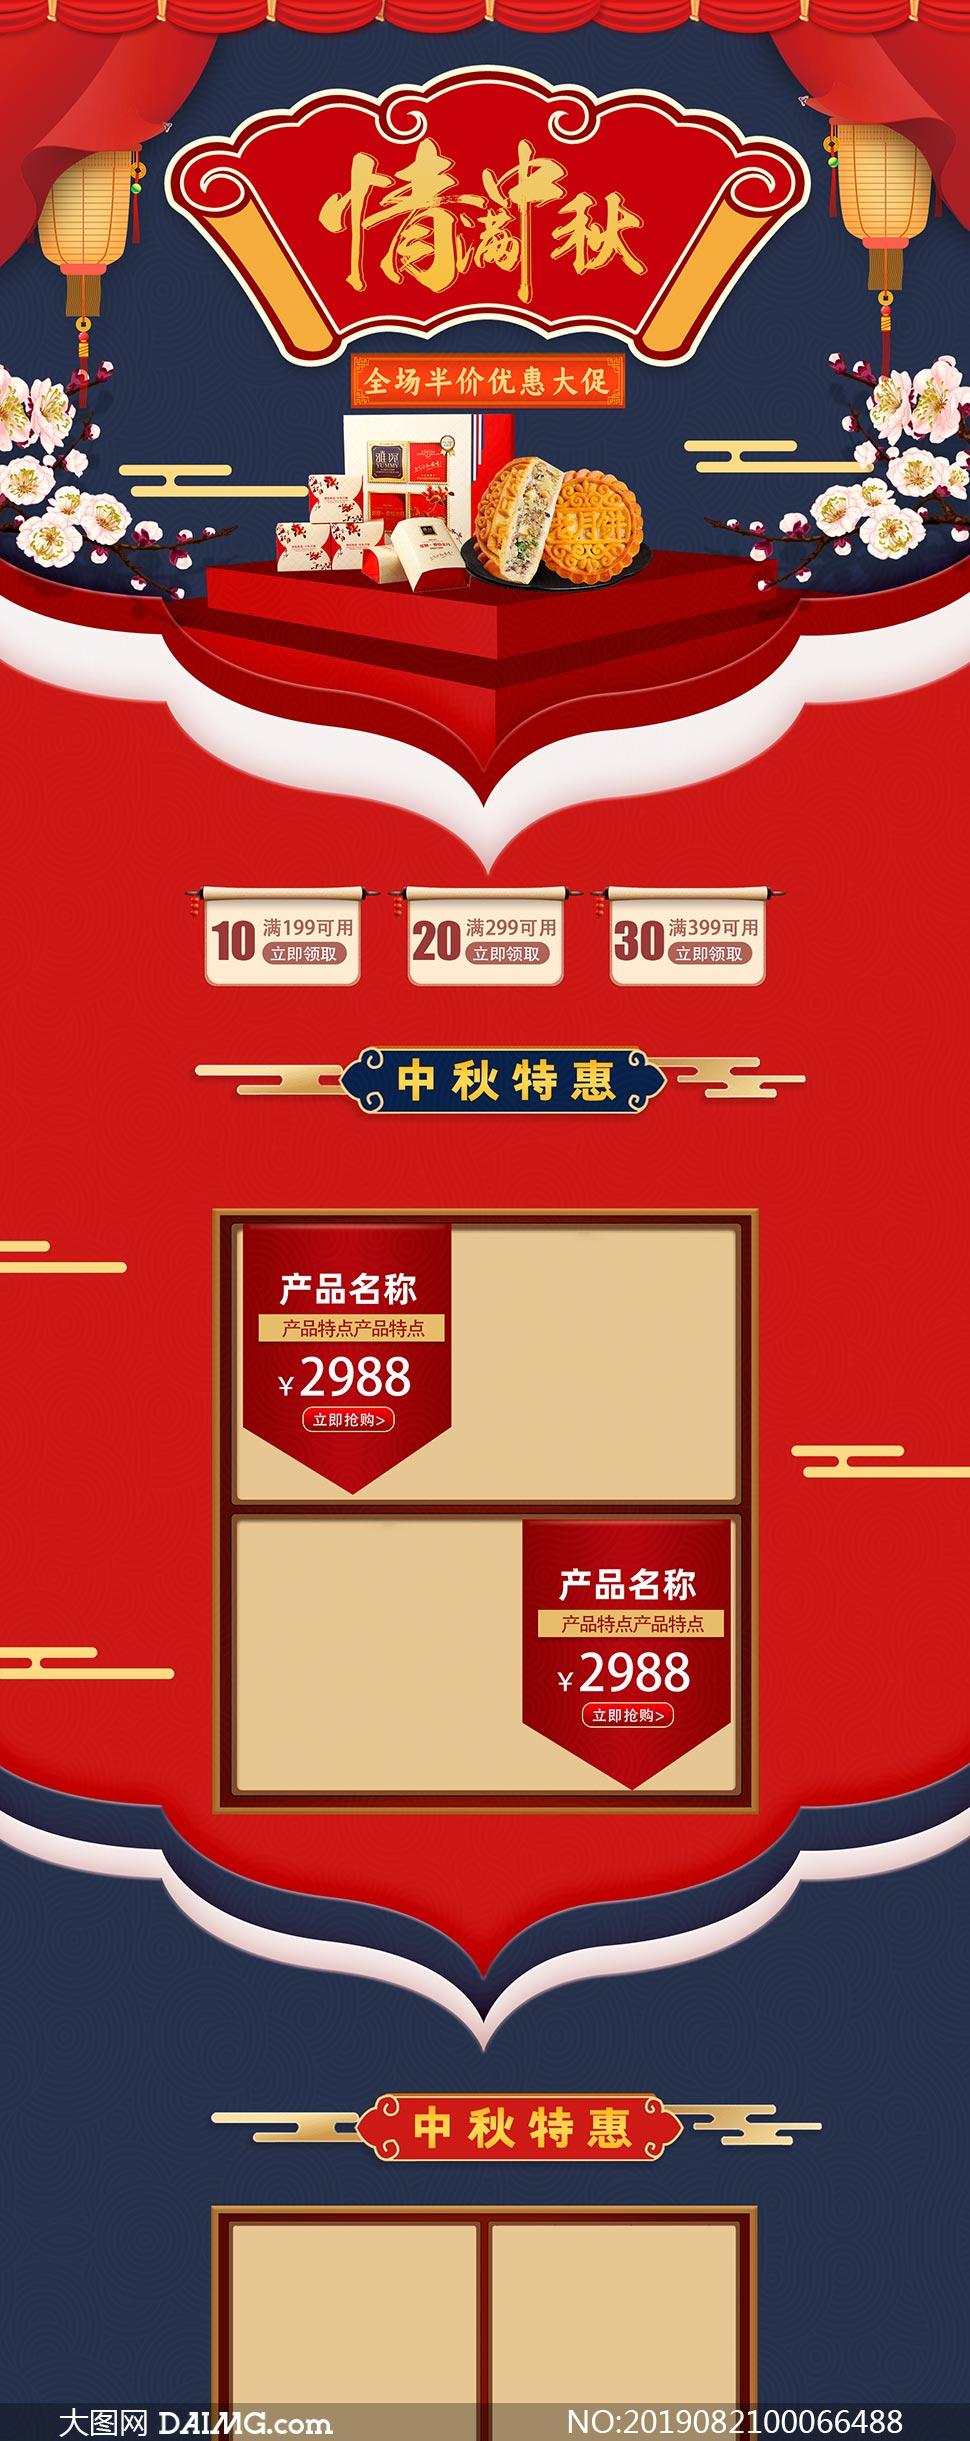 天猫中秋节特惠首页设计模板PSDag手机客户端|首页